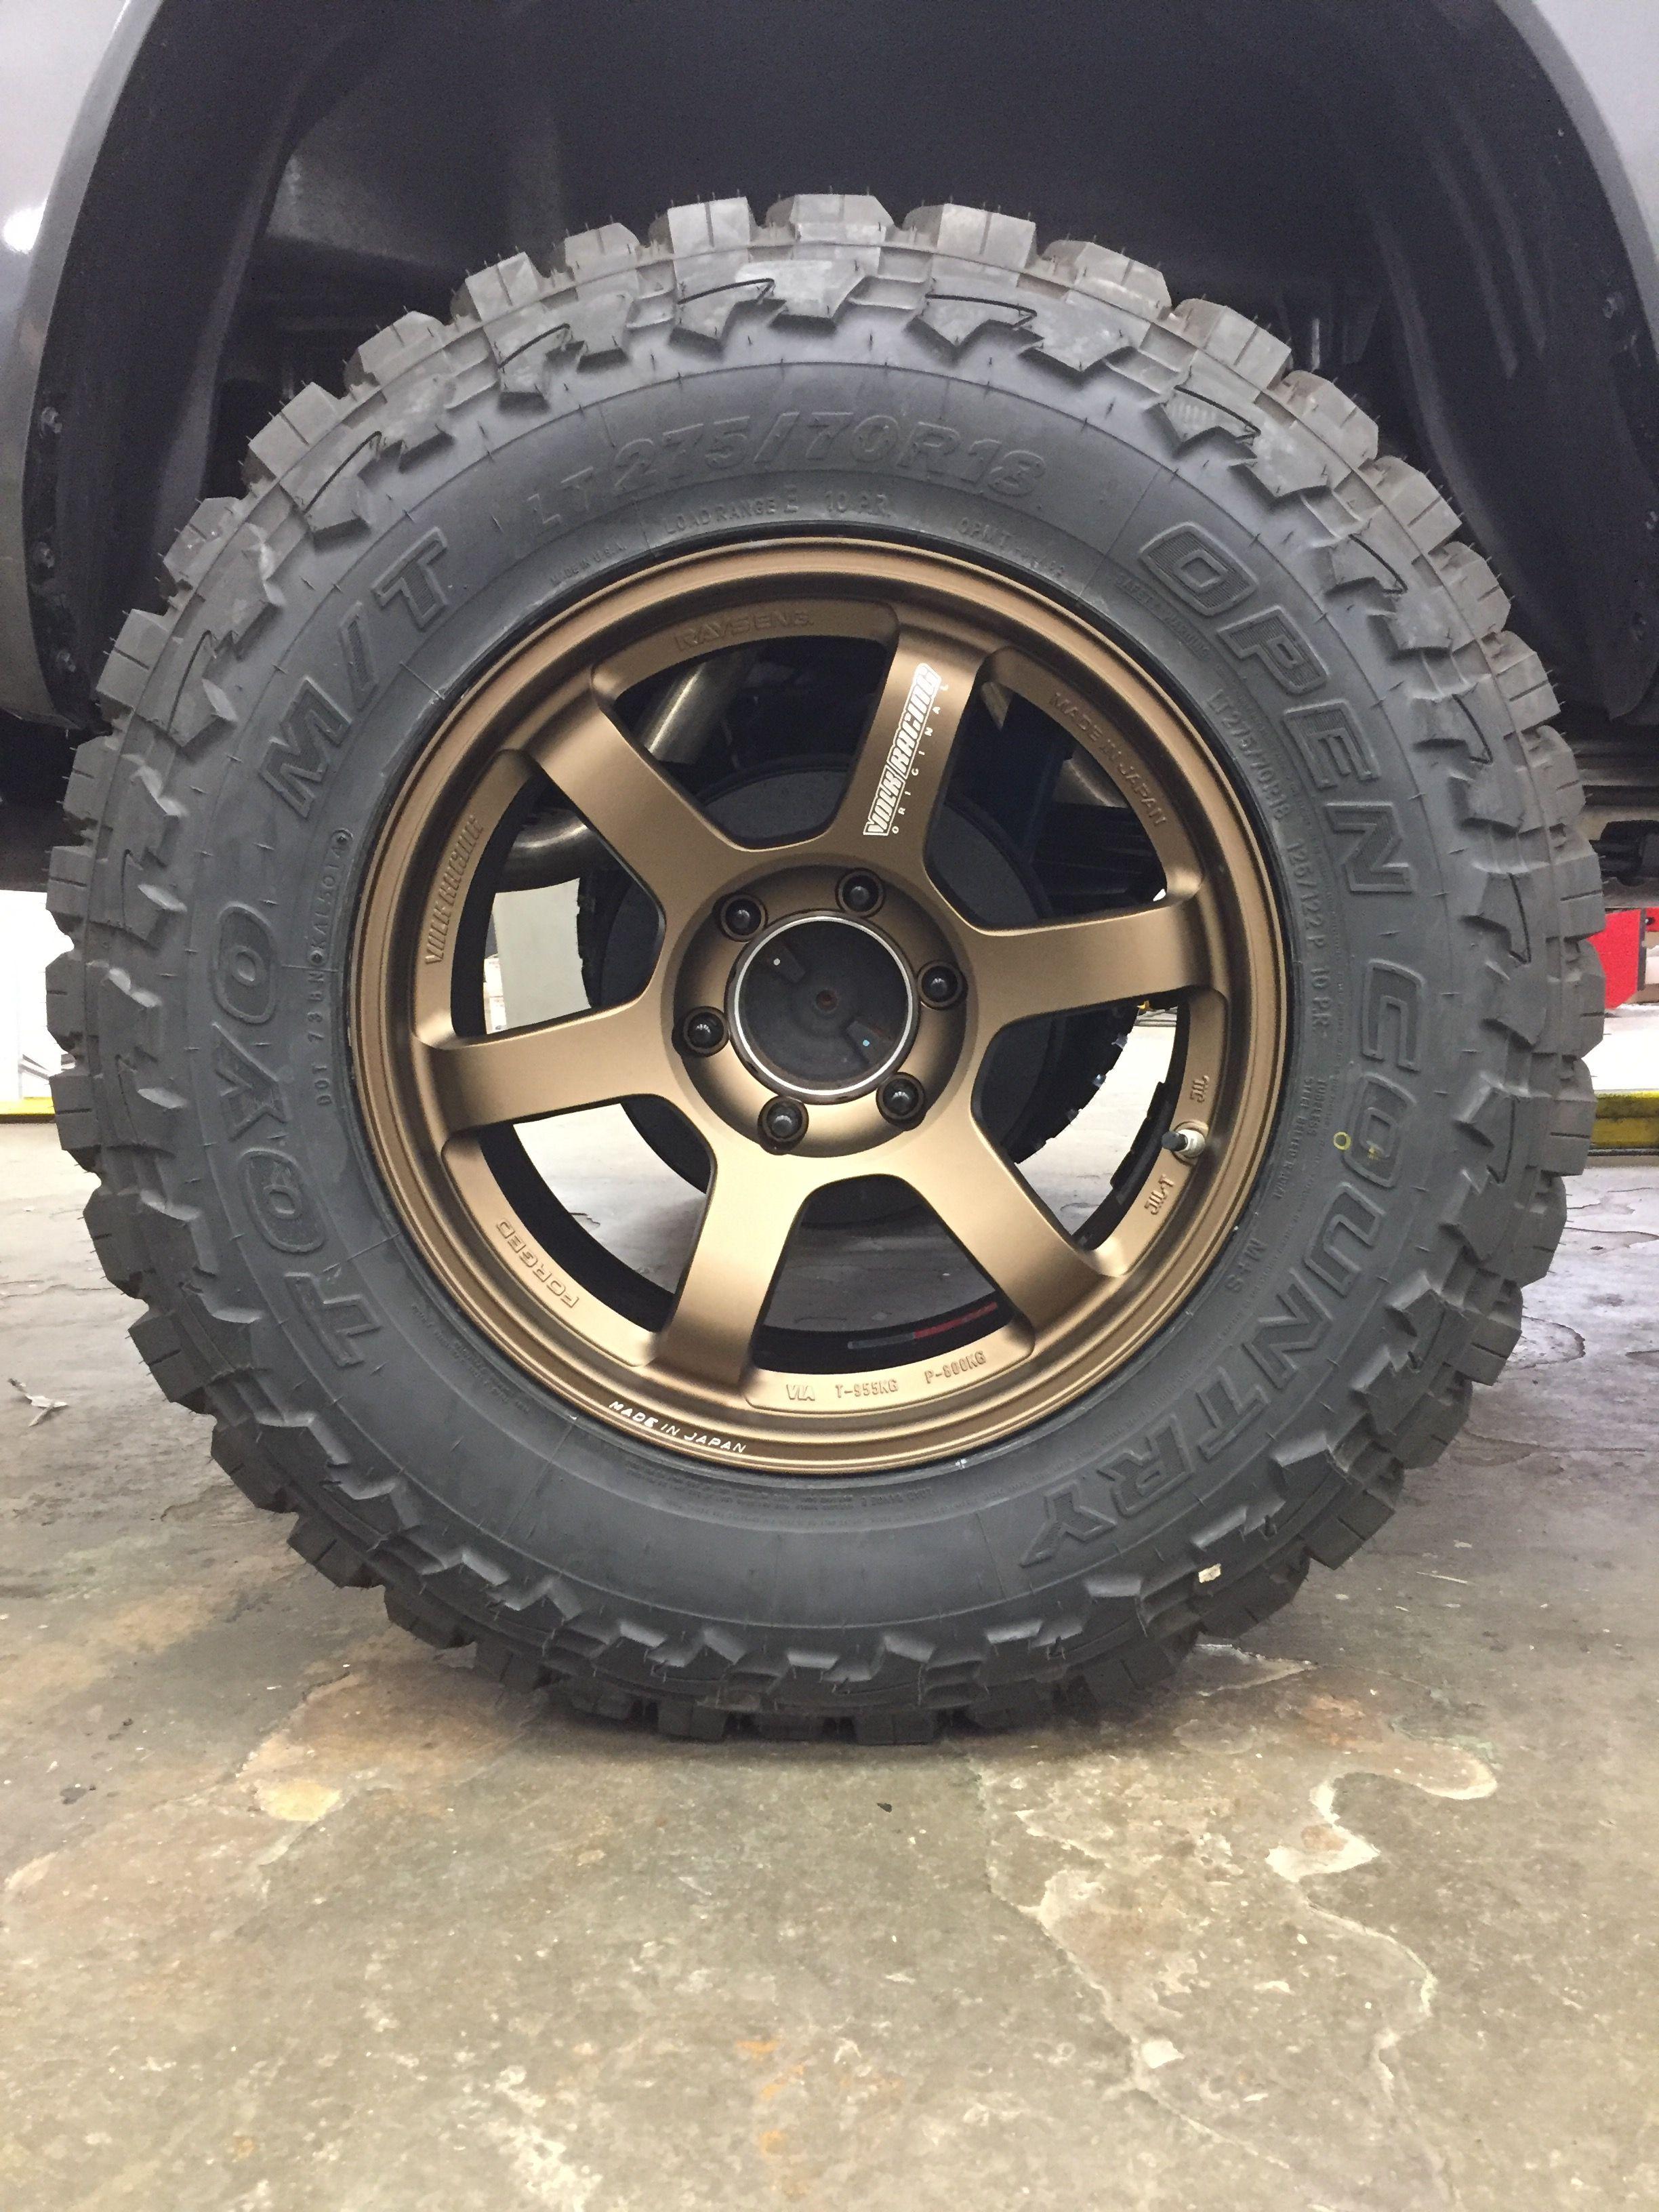 Volk Racing TE37, Bronze 18x9 for off road. Jeep wheels